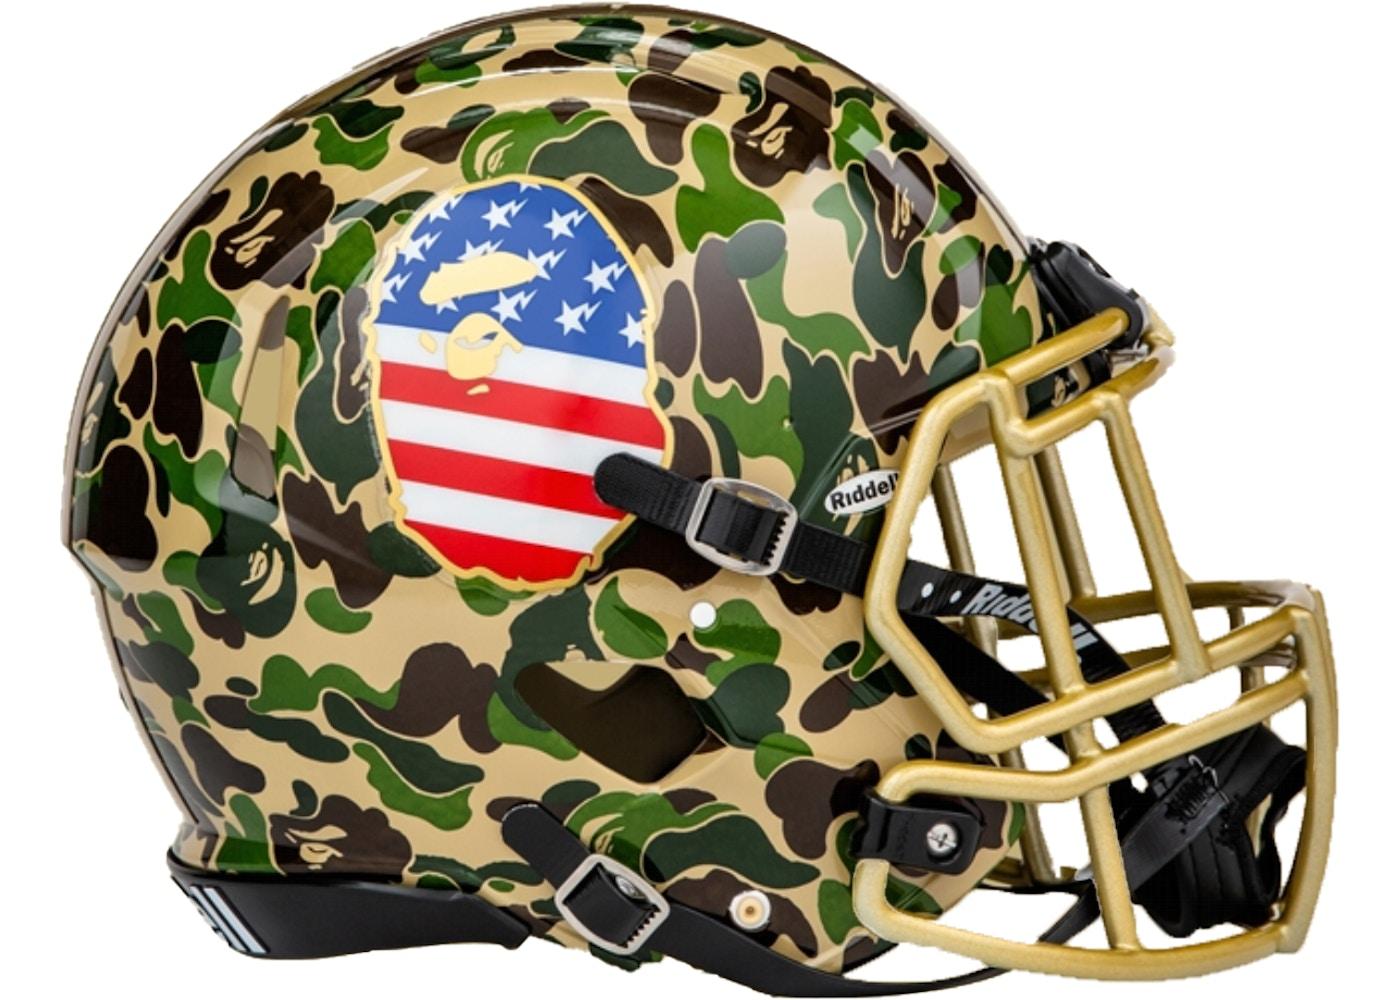 Bape X Adidas Riddell Helmet Green Ss19